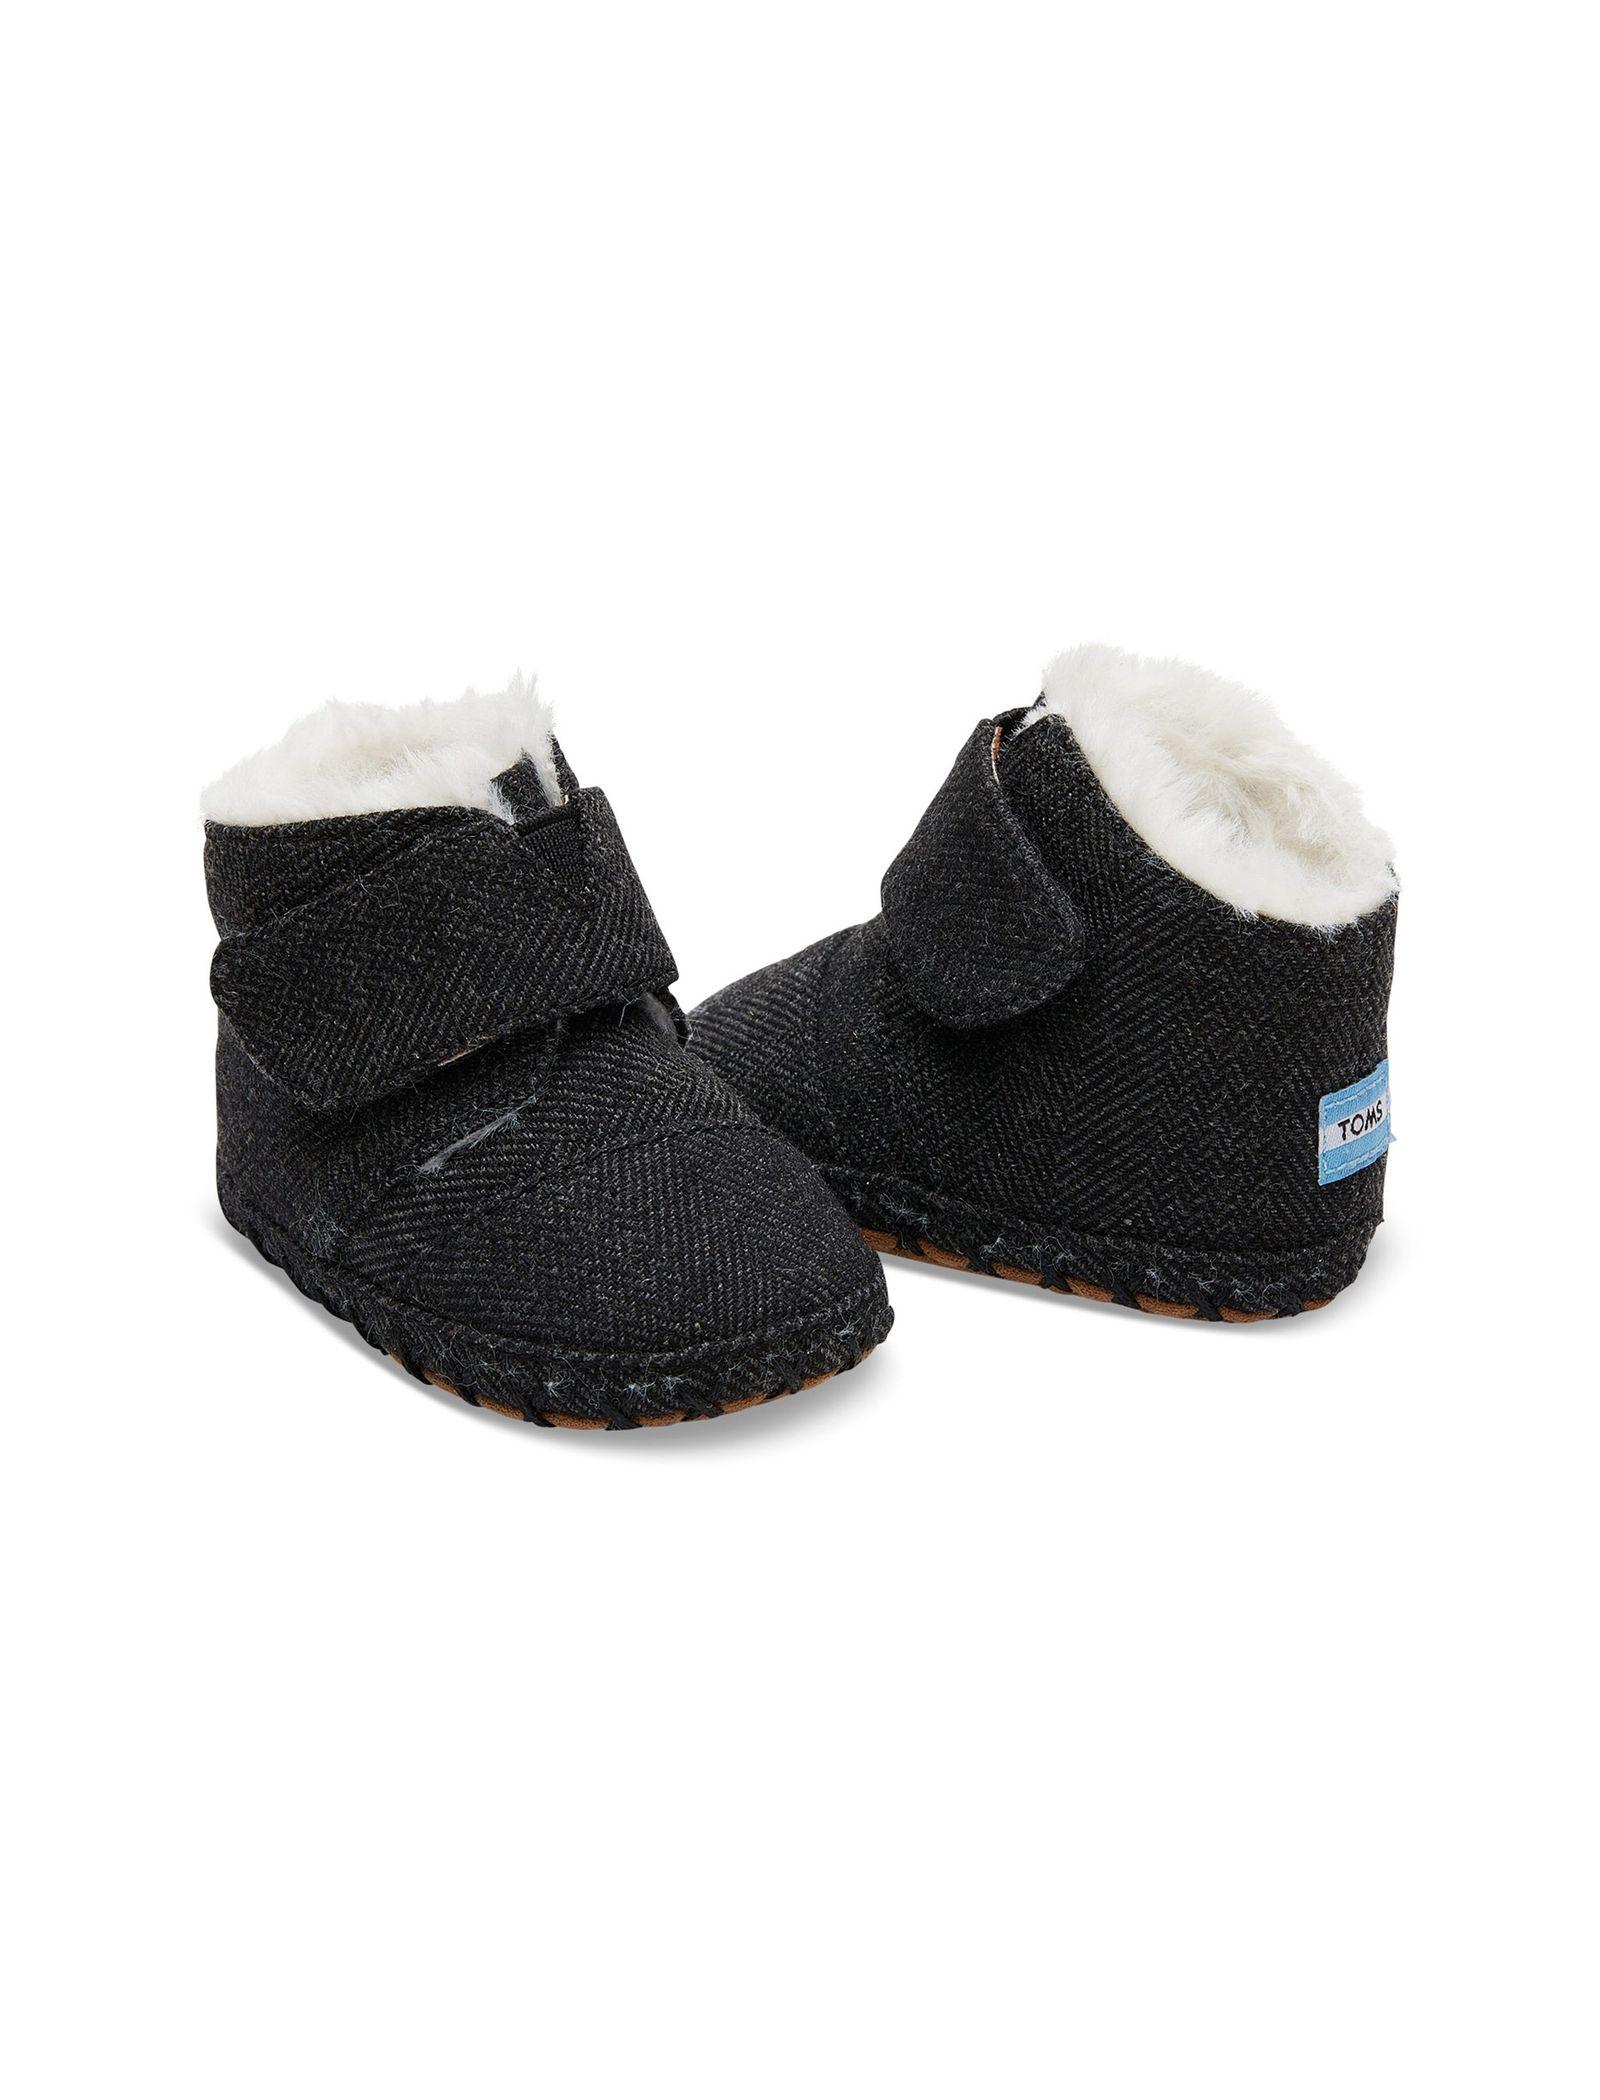 کفش پارچه ای چسبی نوزادی - تامز - مشکي - 3